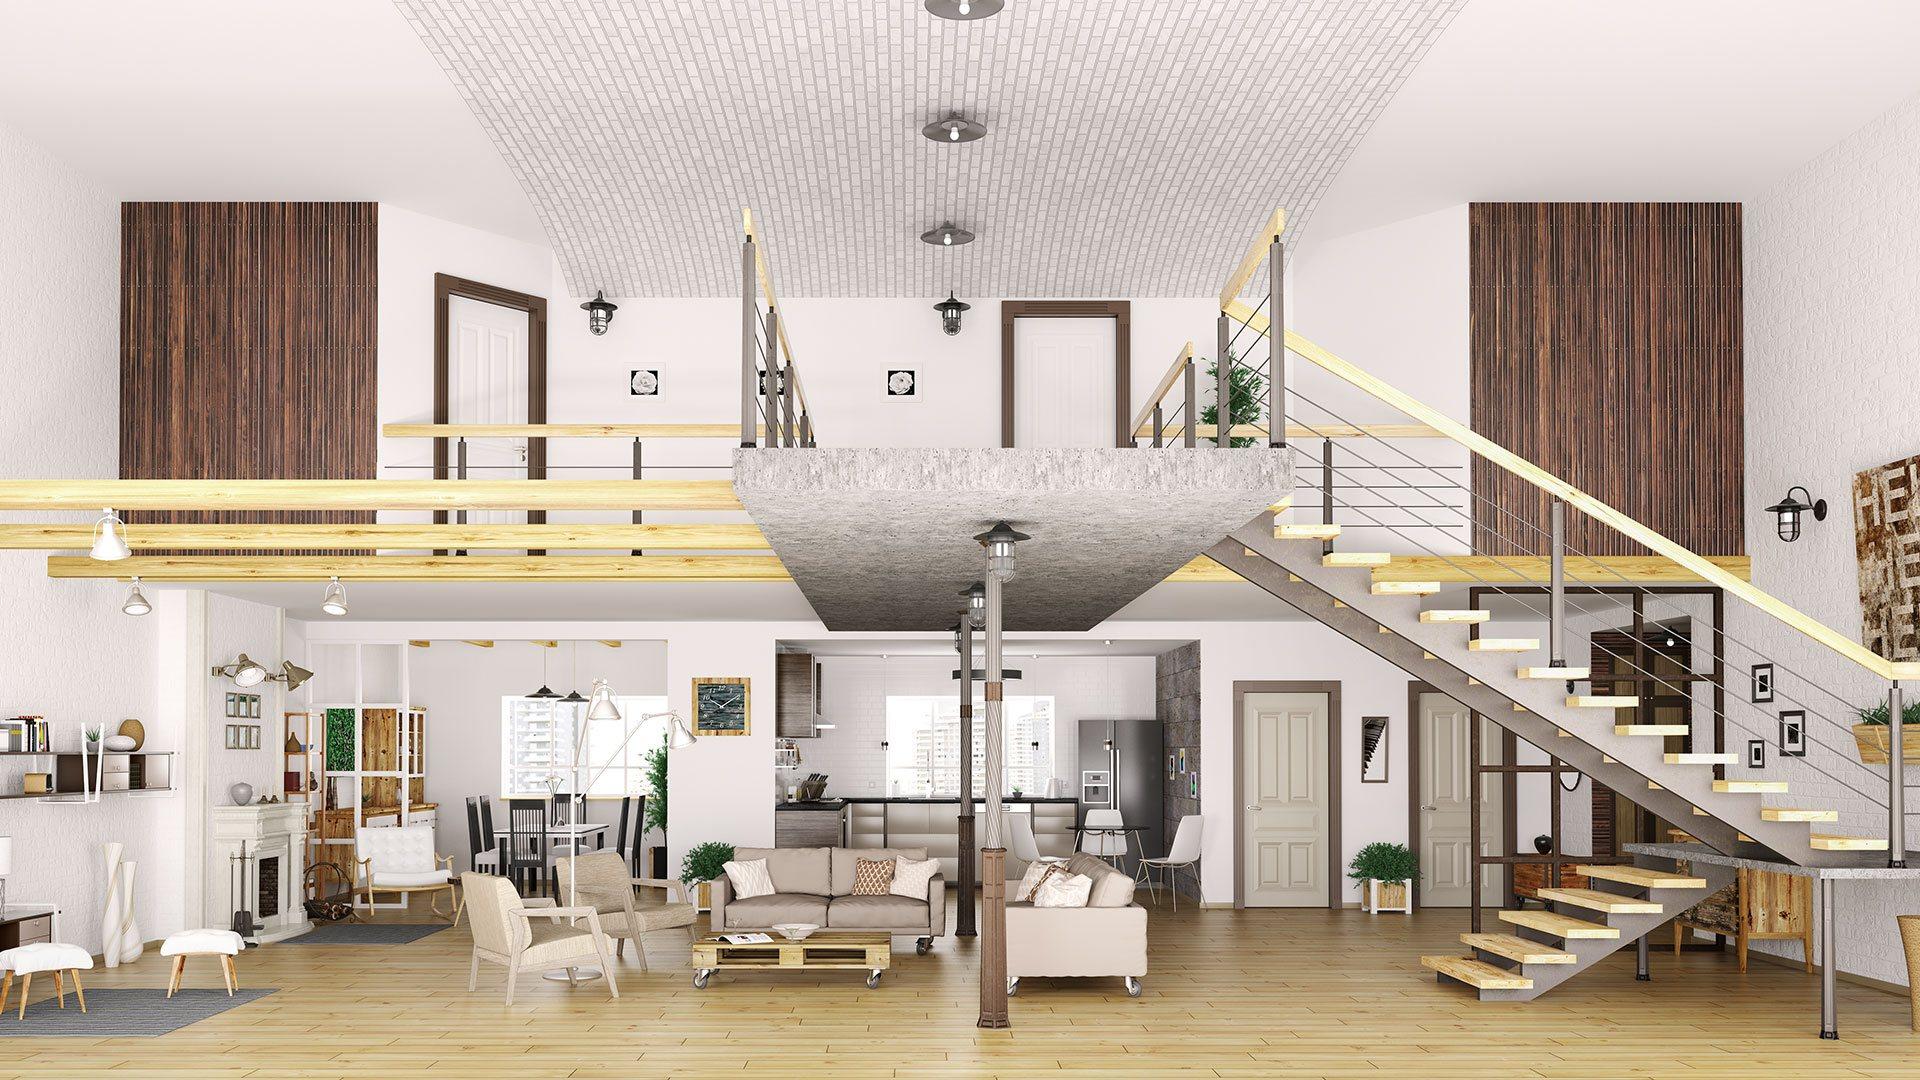 Dallas Architects